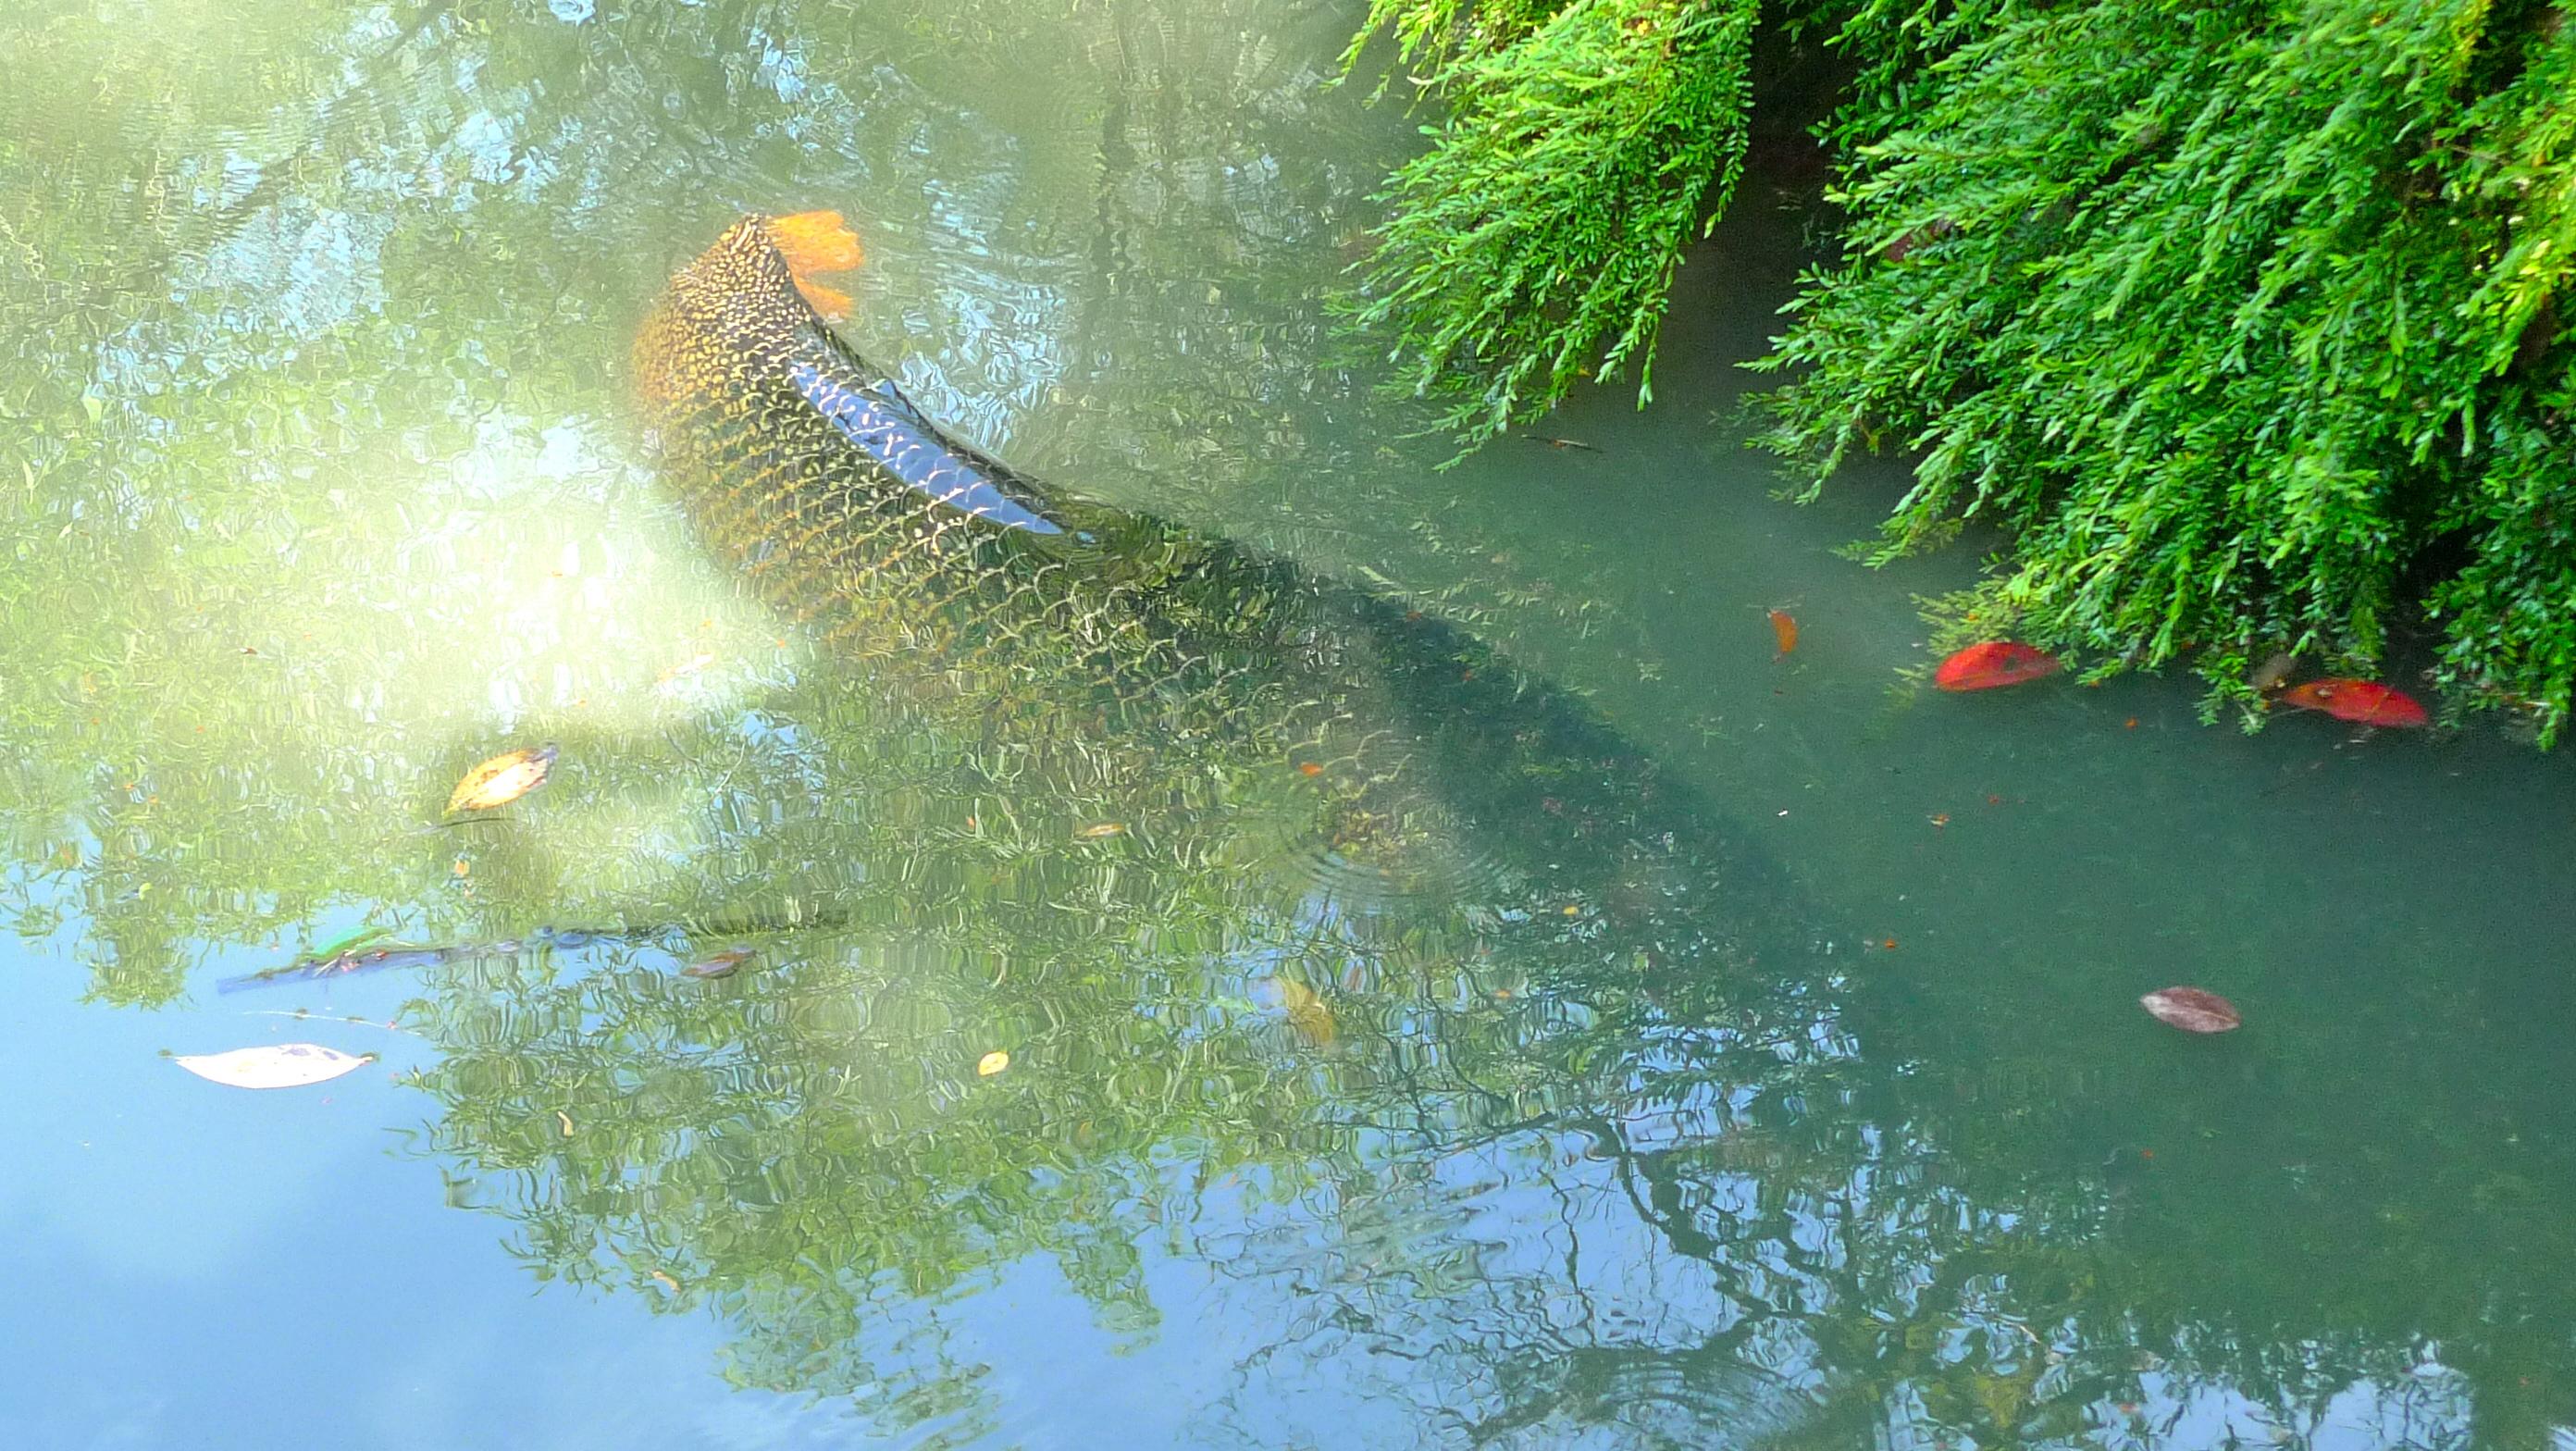 Arwana The Super Silver Giant Fish In Rofik Aquarium - YouTube |Giant Arowana